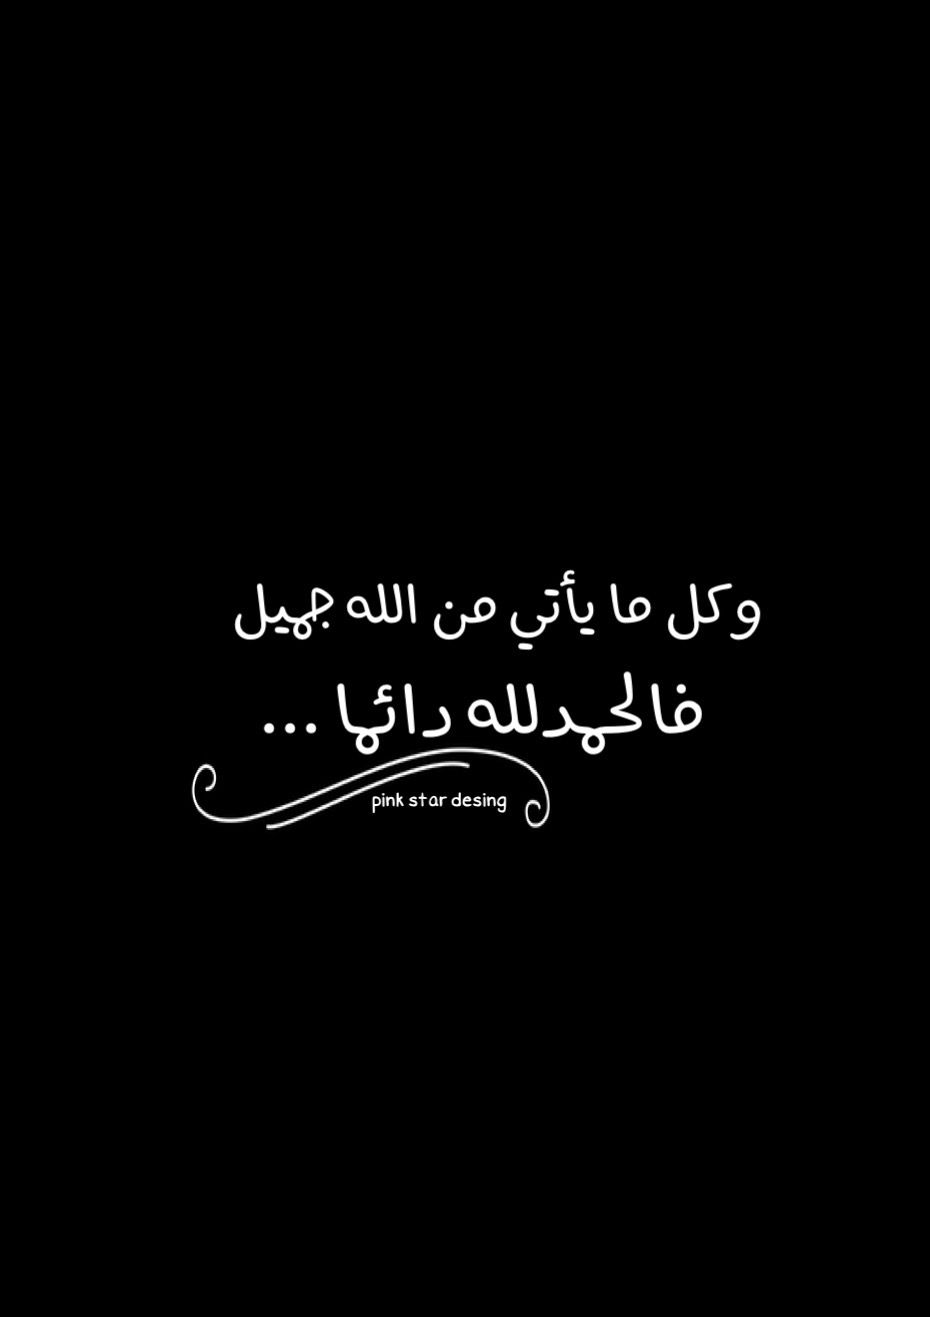 اللهم لك الحمد ولك الشكر على نعمك الذي لا تعد ولا تحصى Black Picture Photo And Video Ramadan